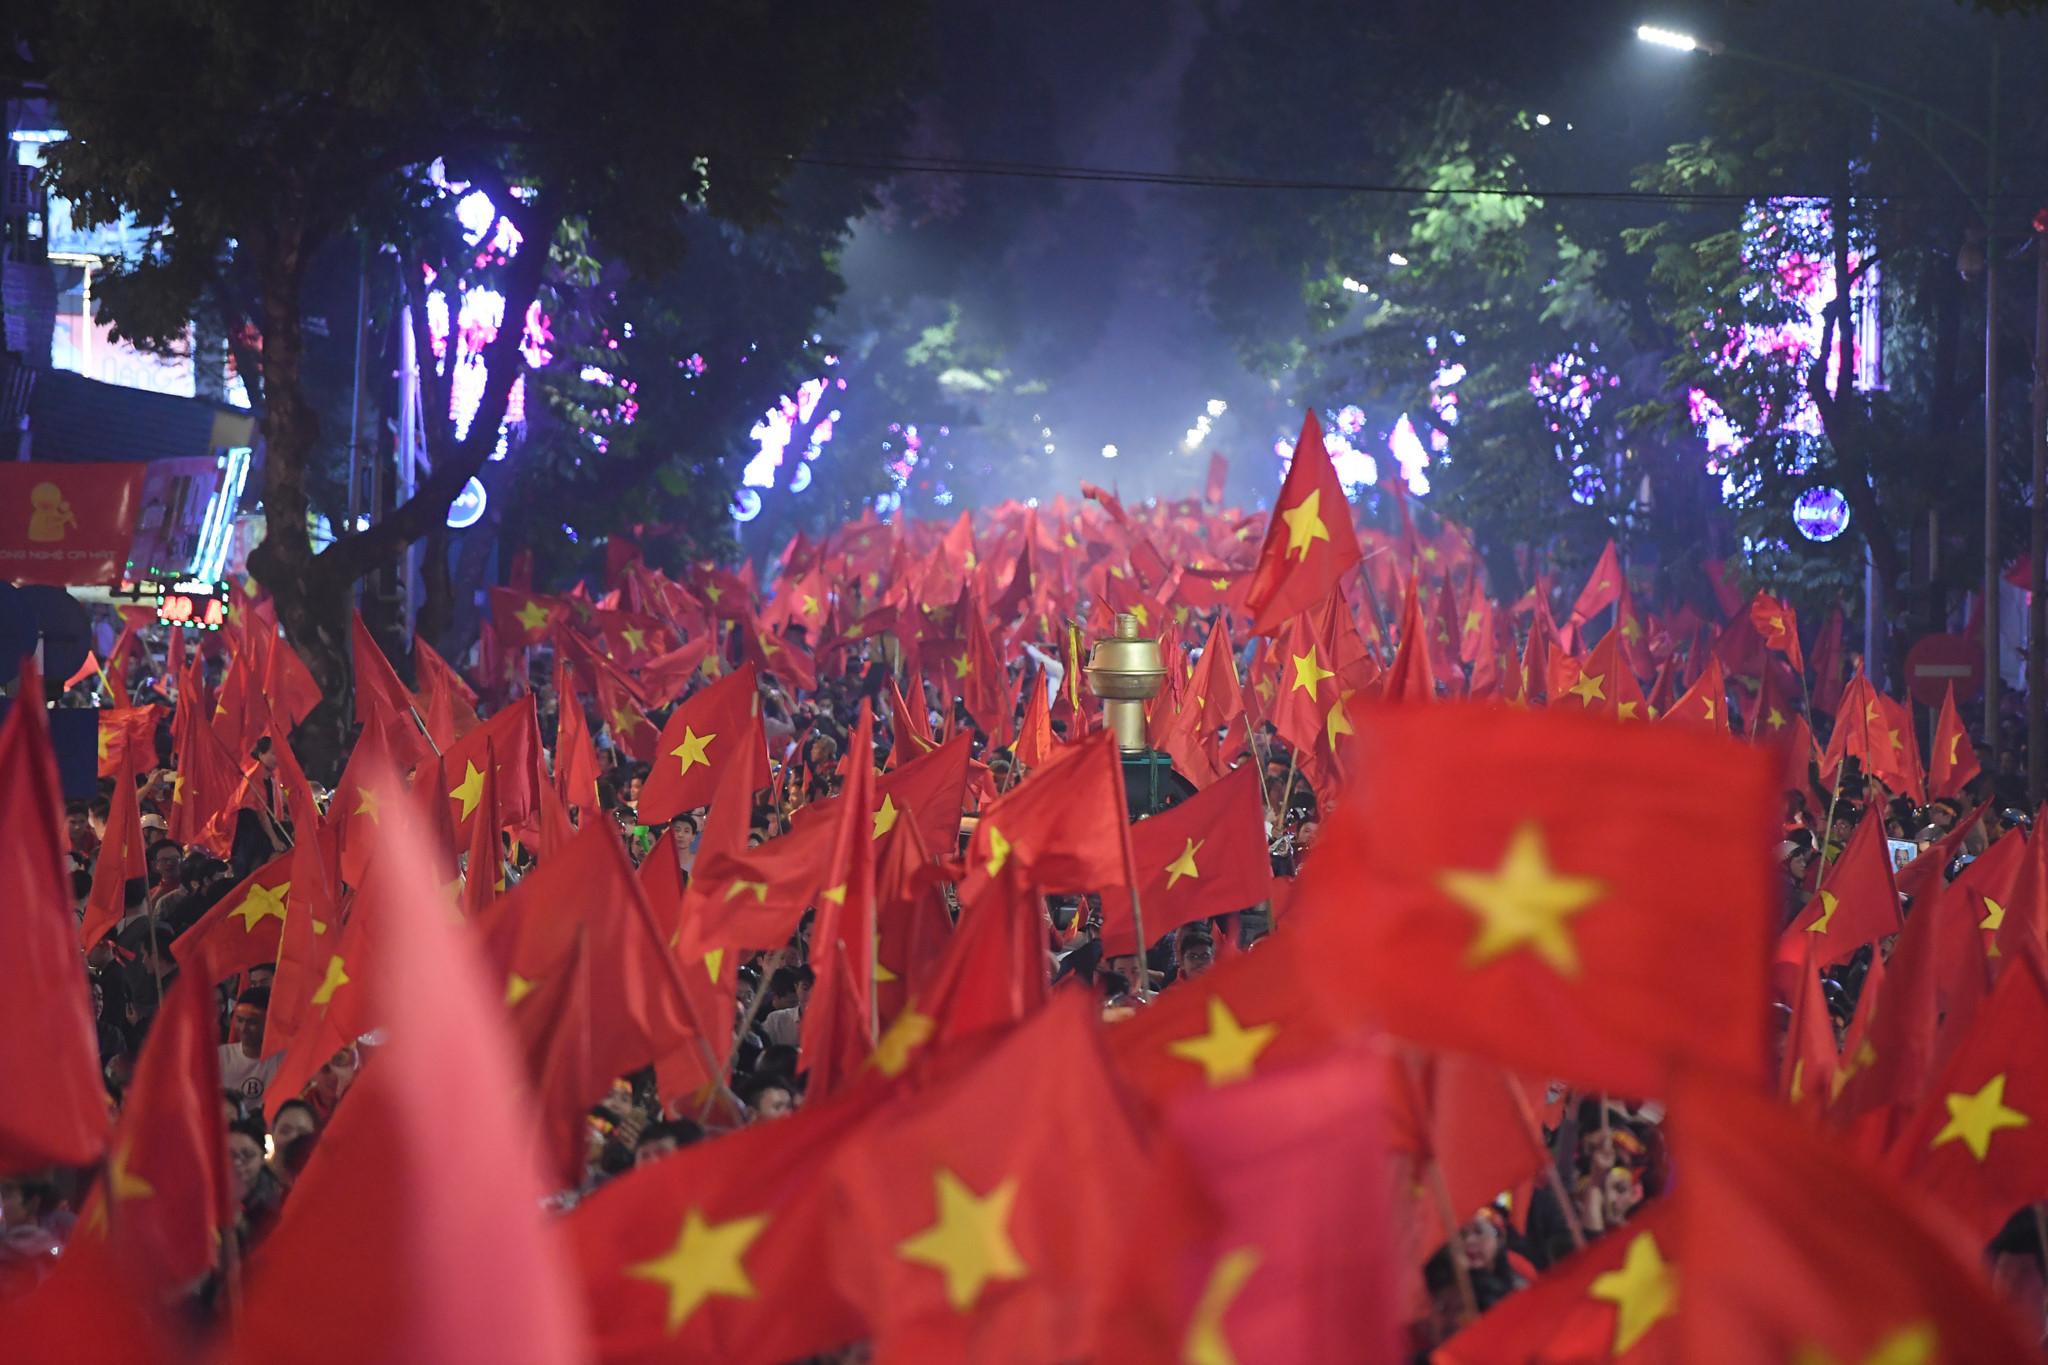 Hồ Gươm rực màu cờ đỏ sau chiến thắng của U23 Việt Nam